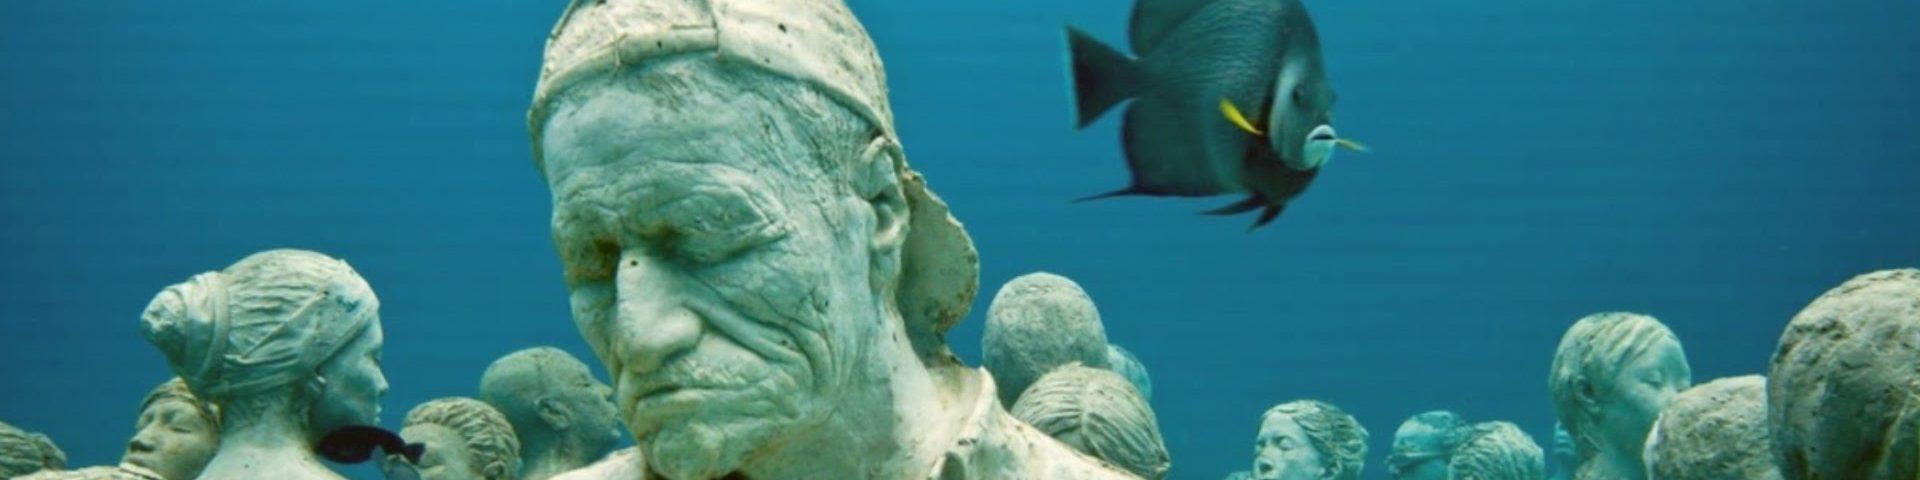 6 мифических мест, которые можно посетить